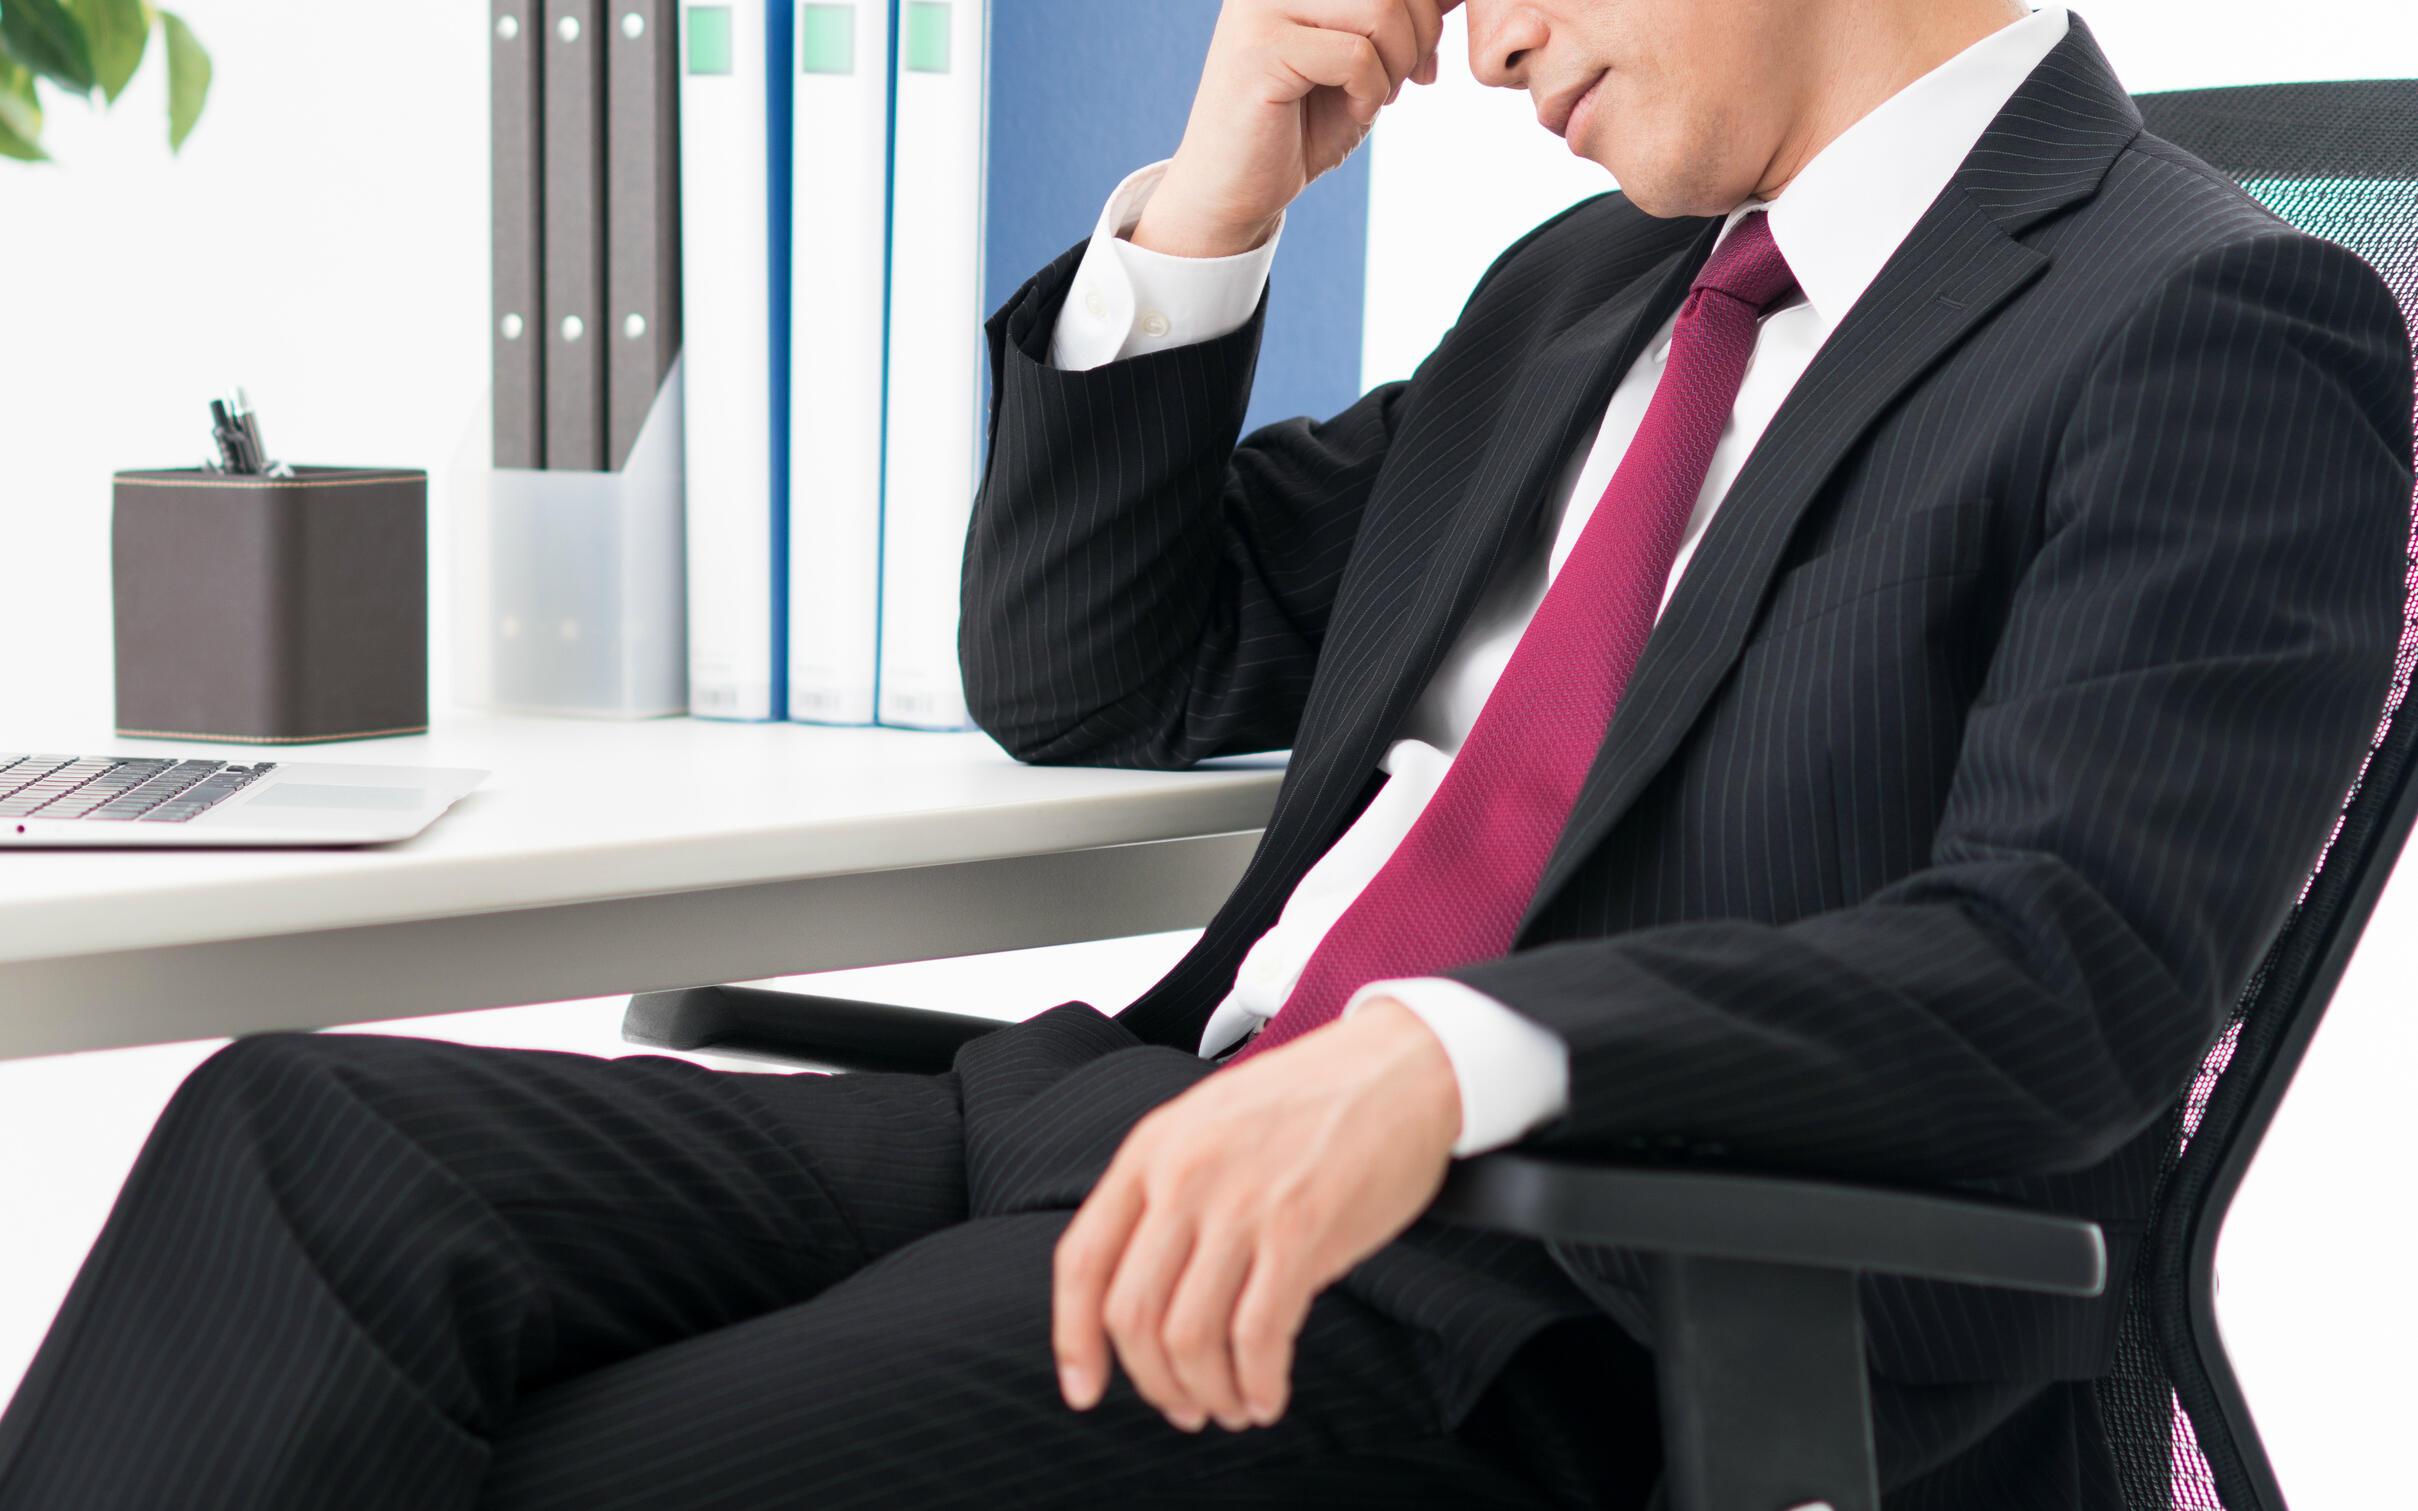 疲れてダラッと座ると、腰痛の原因に! 「正しい座り方」を医師が解説